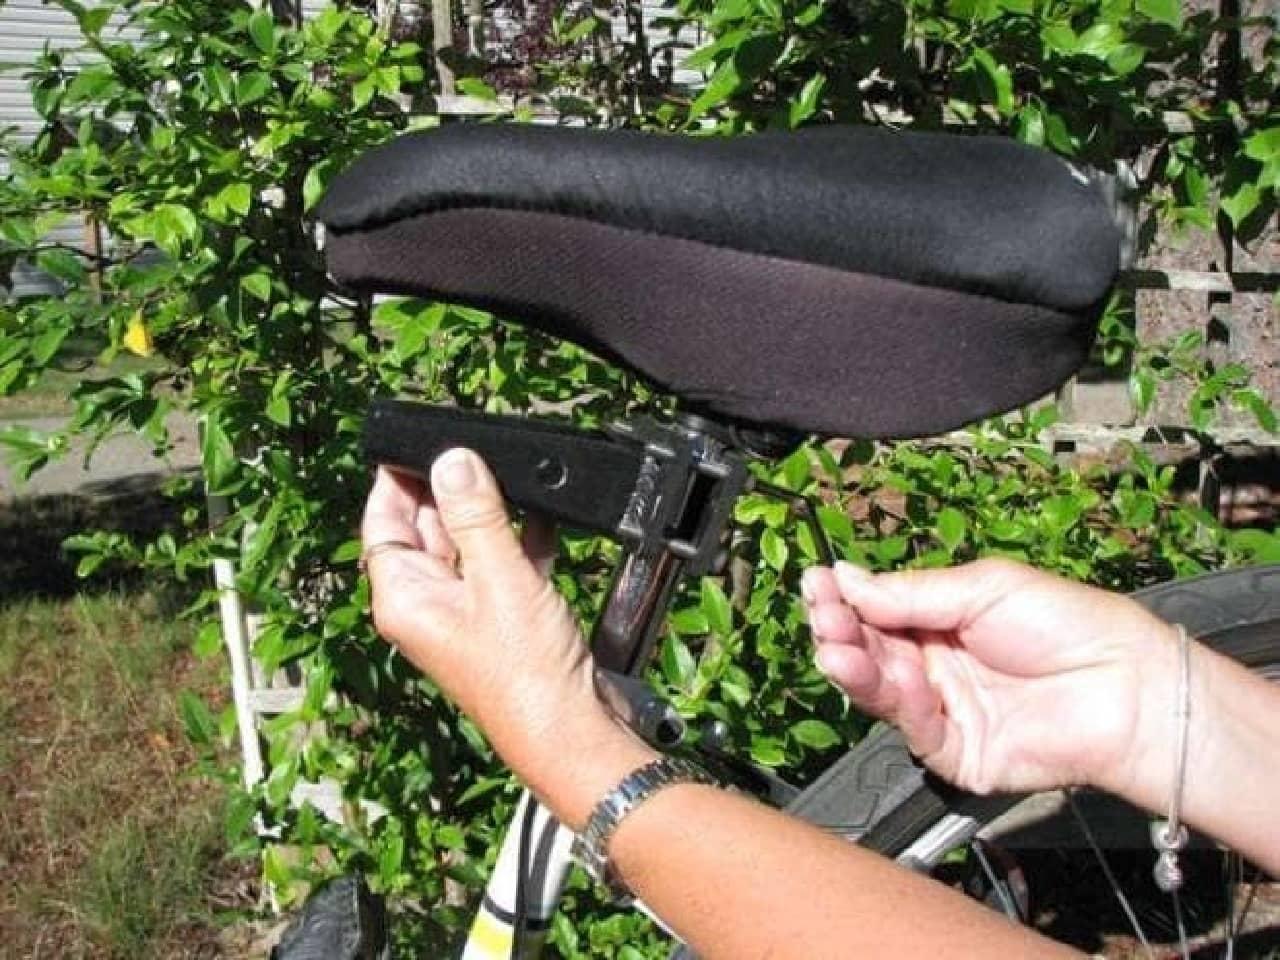 犬専用自転車シート「Buddyrider」